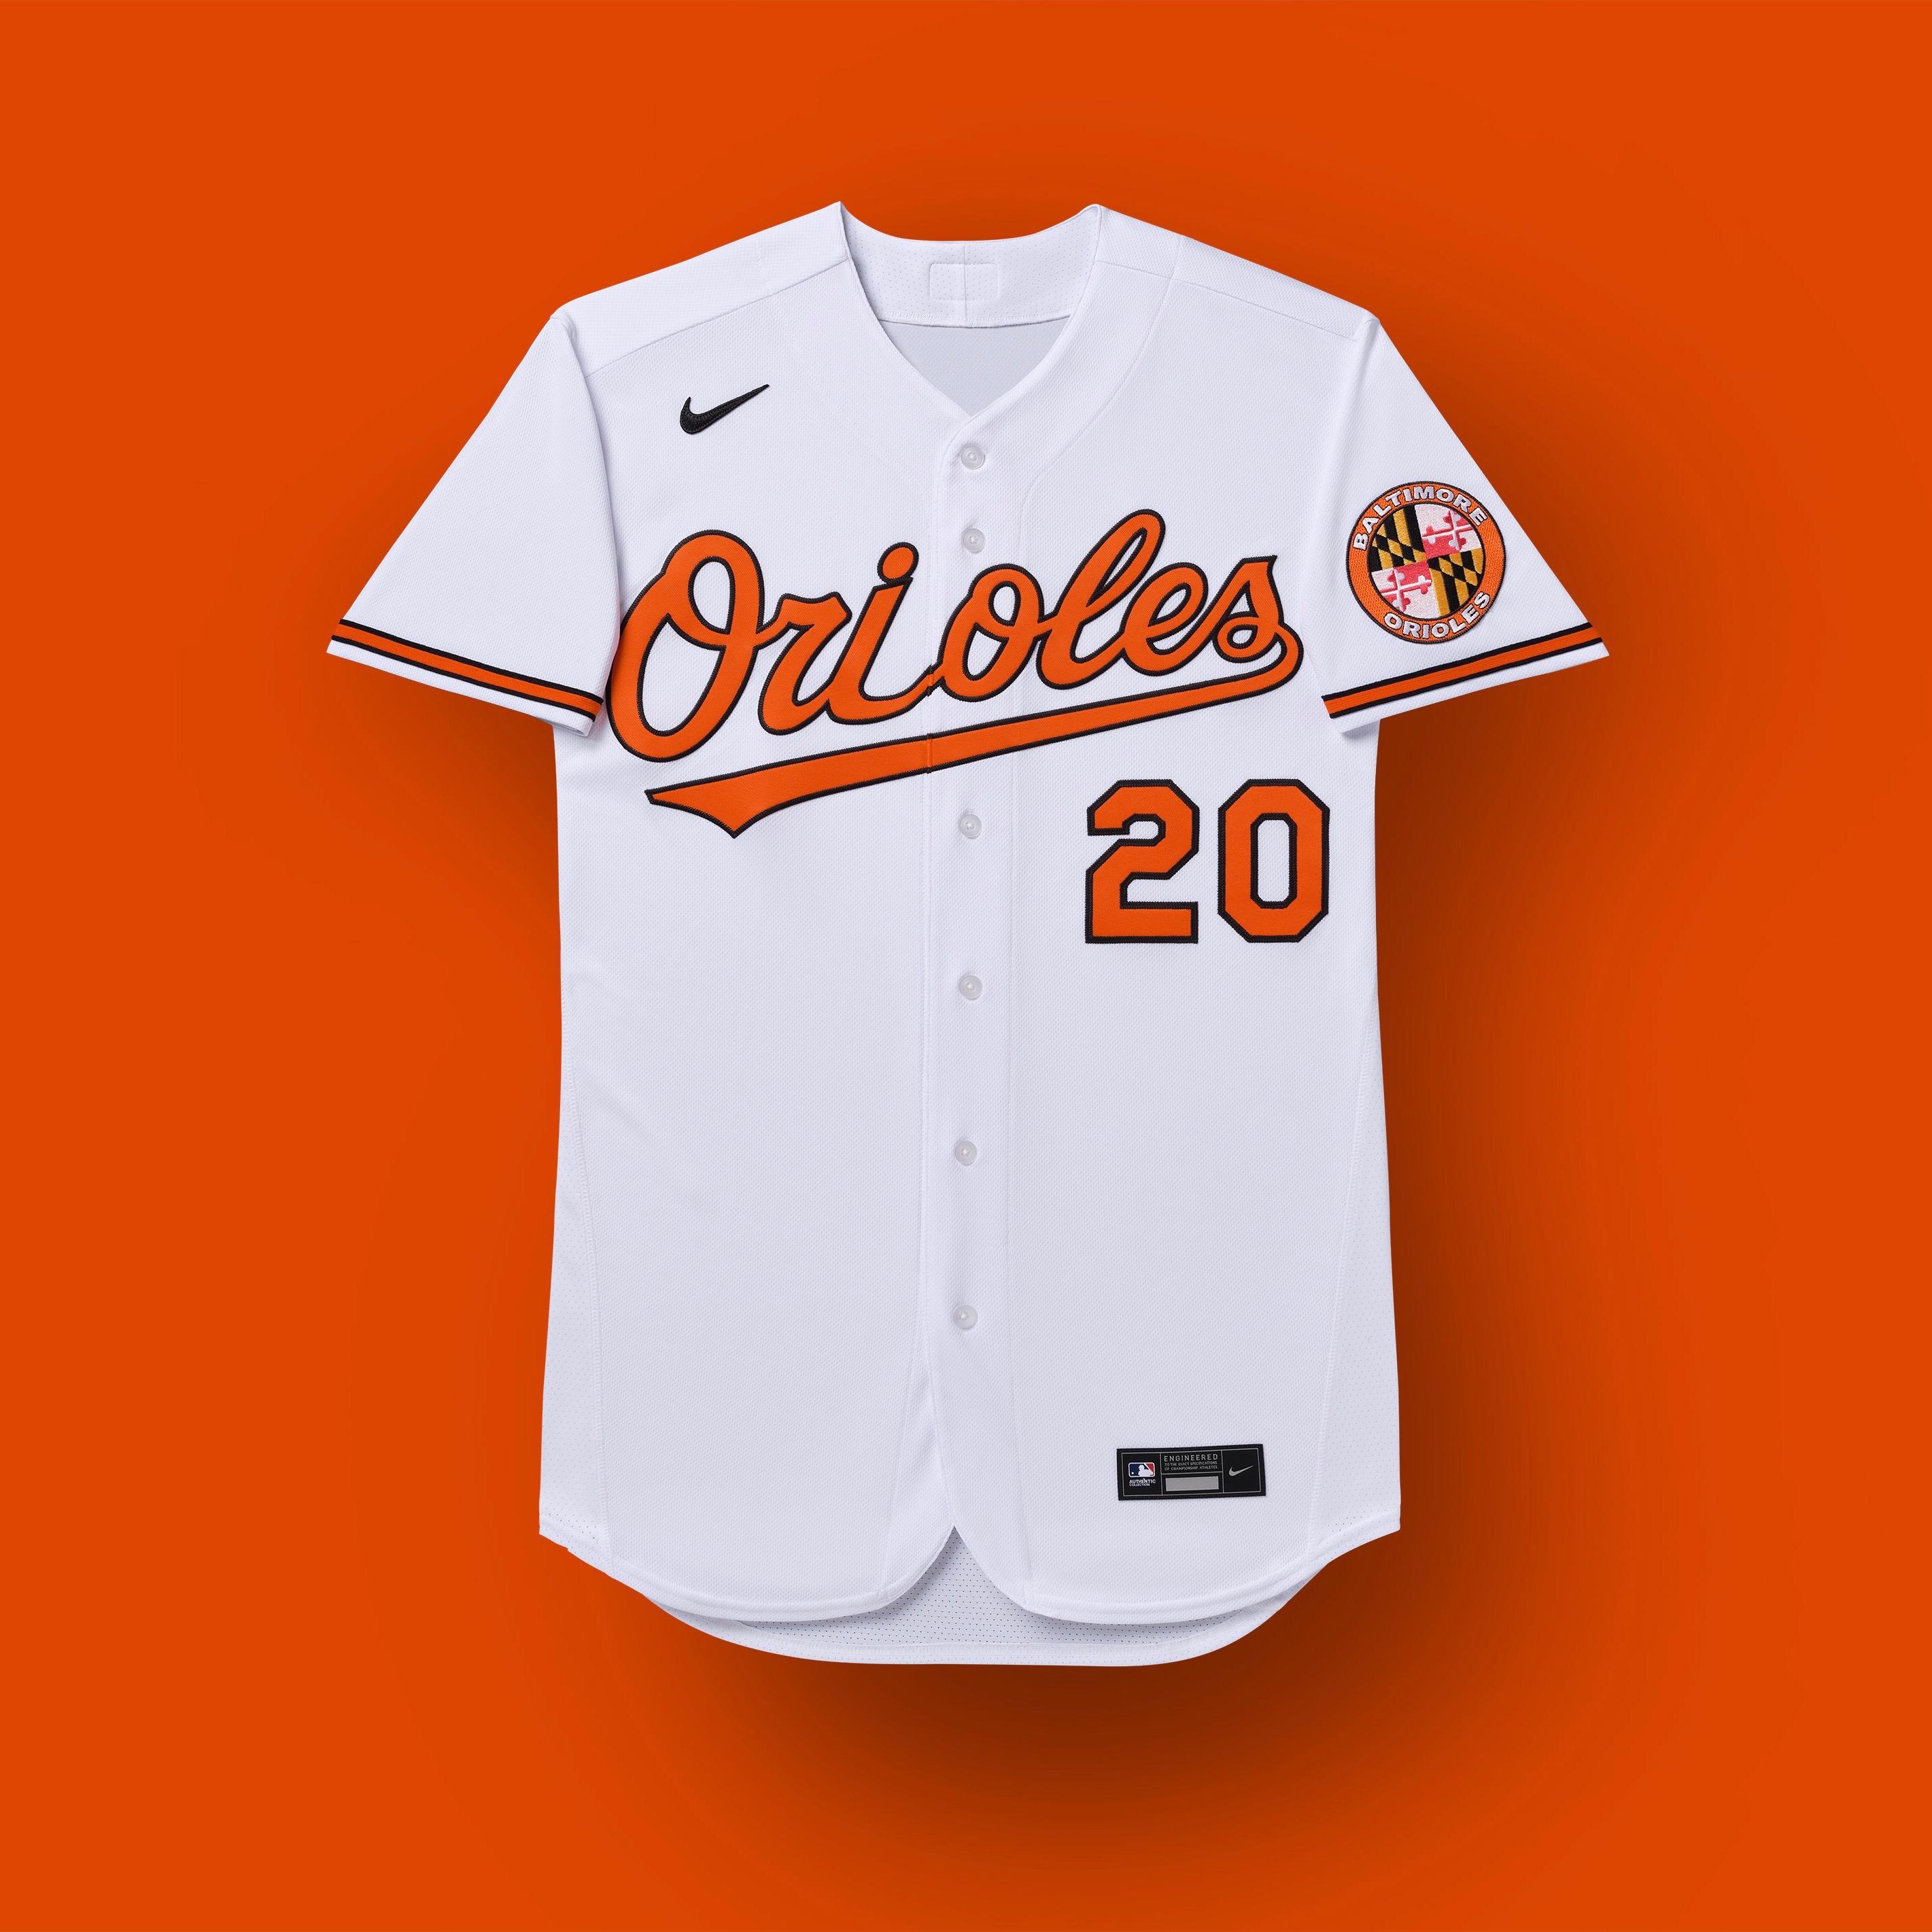 uniformes de balio orioles 2020